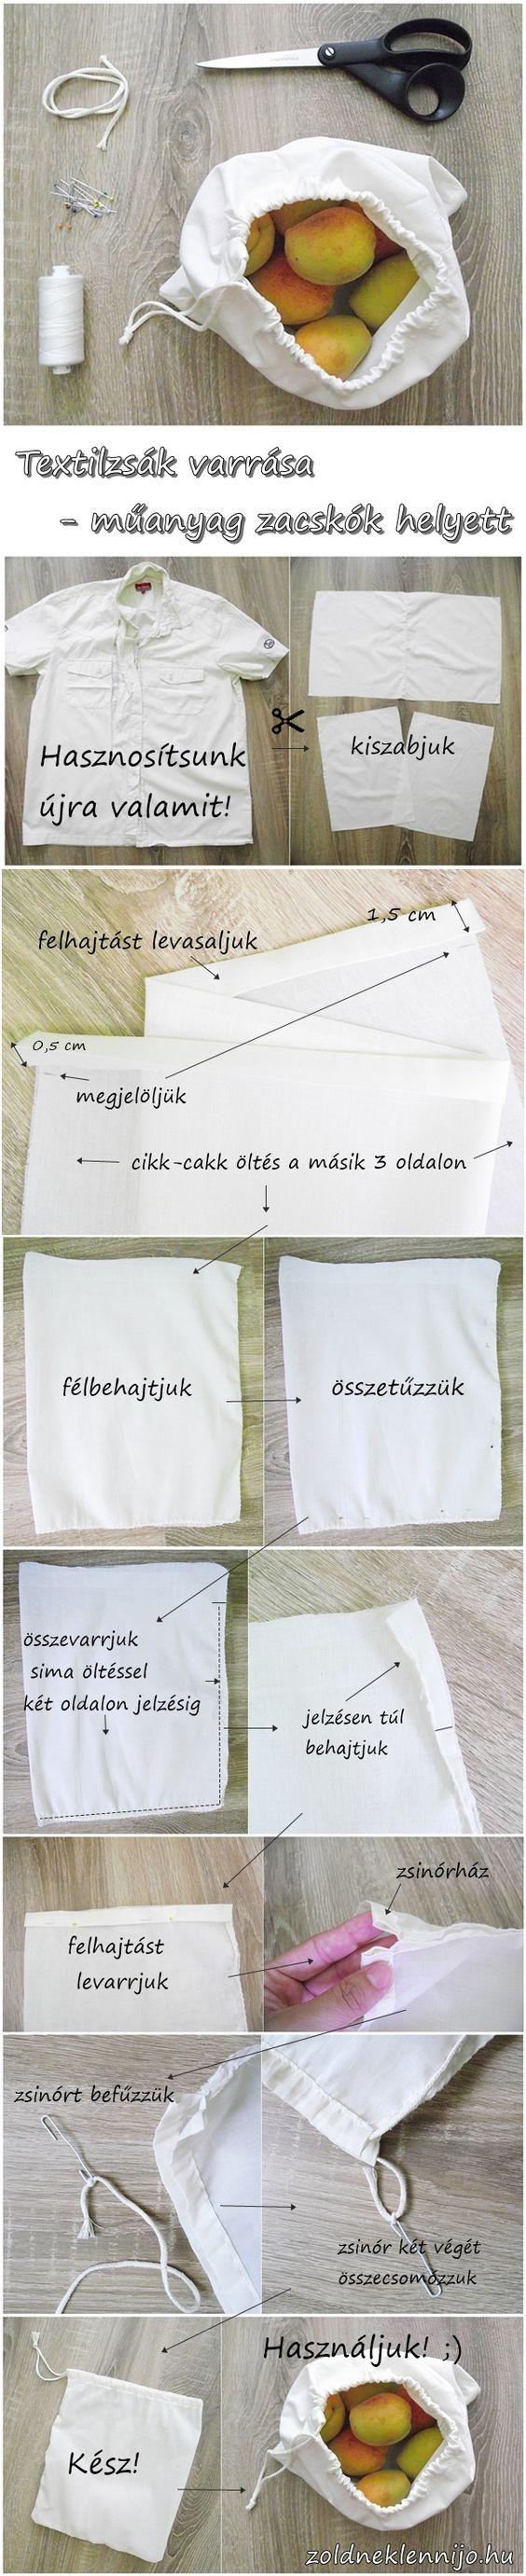 A műanyagmentes július egyik legfontosabb kelléke a textilzsák, amit akár te magad is megvarrhatsz! Akár használt ruhából is készülhet, így a legzöldebb. Mutatom, hogyan varrd meg!